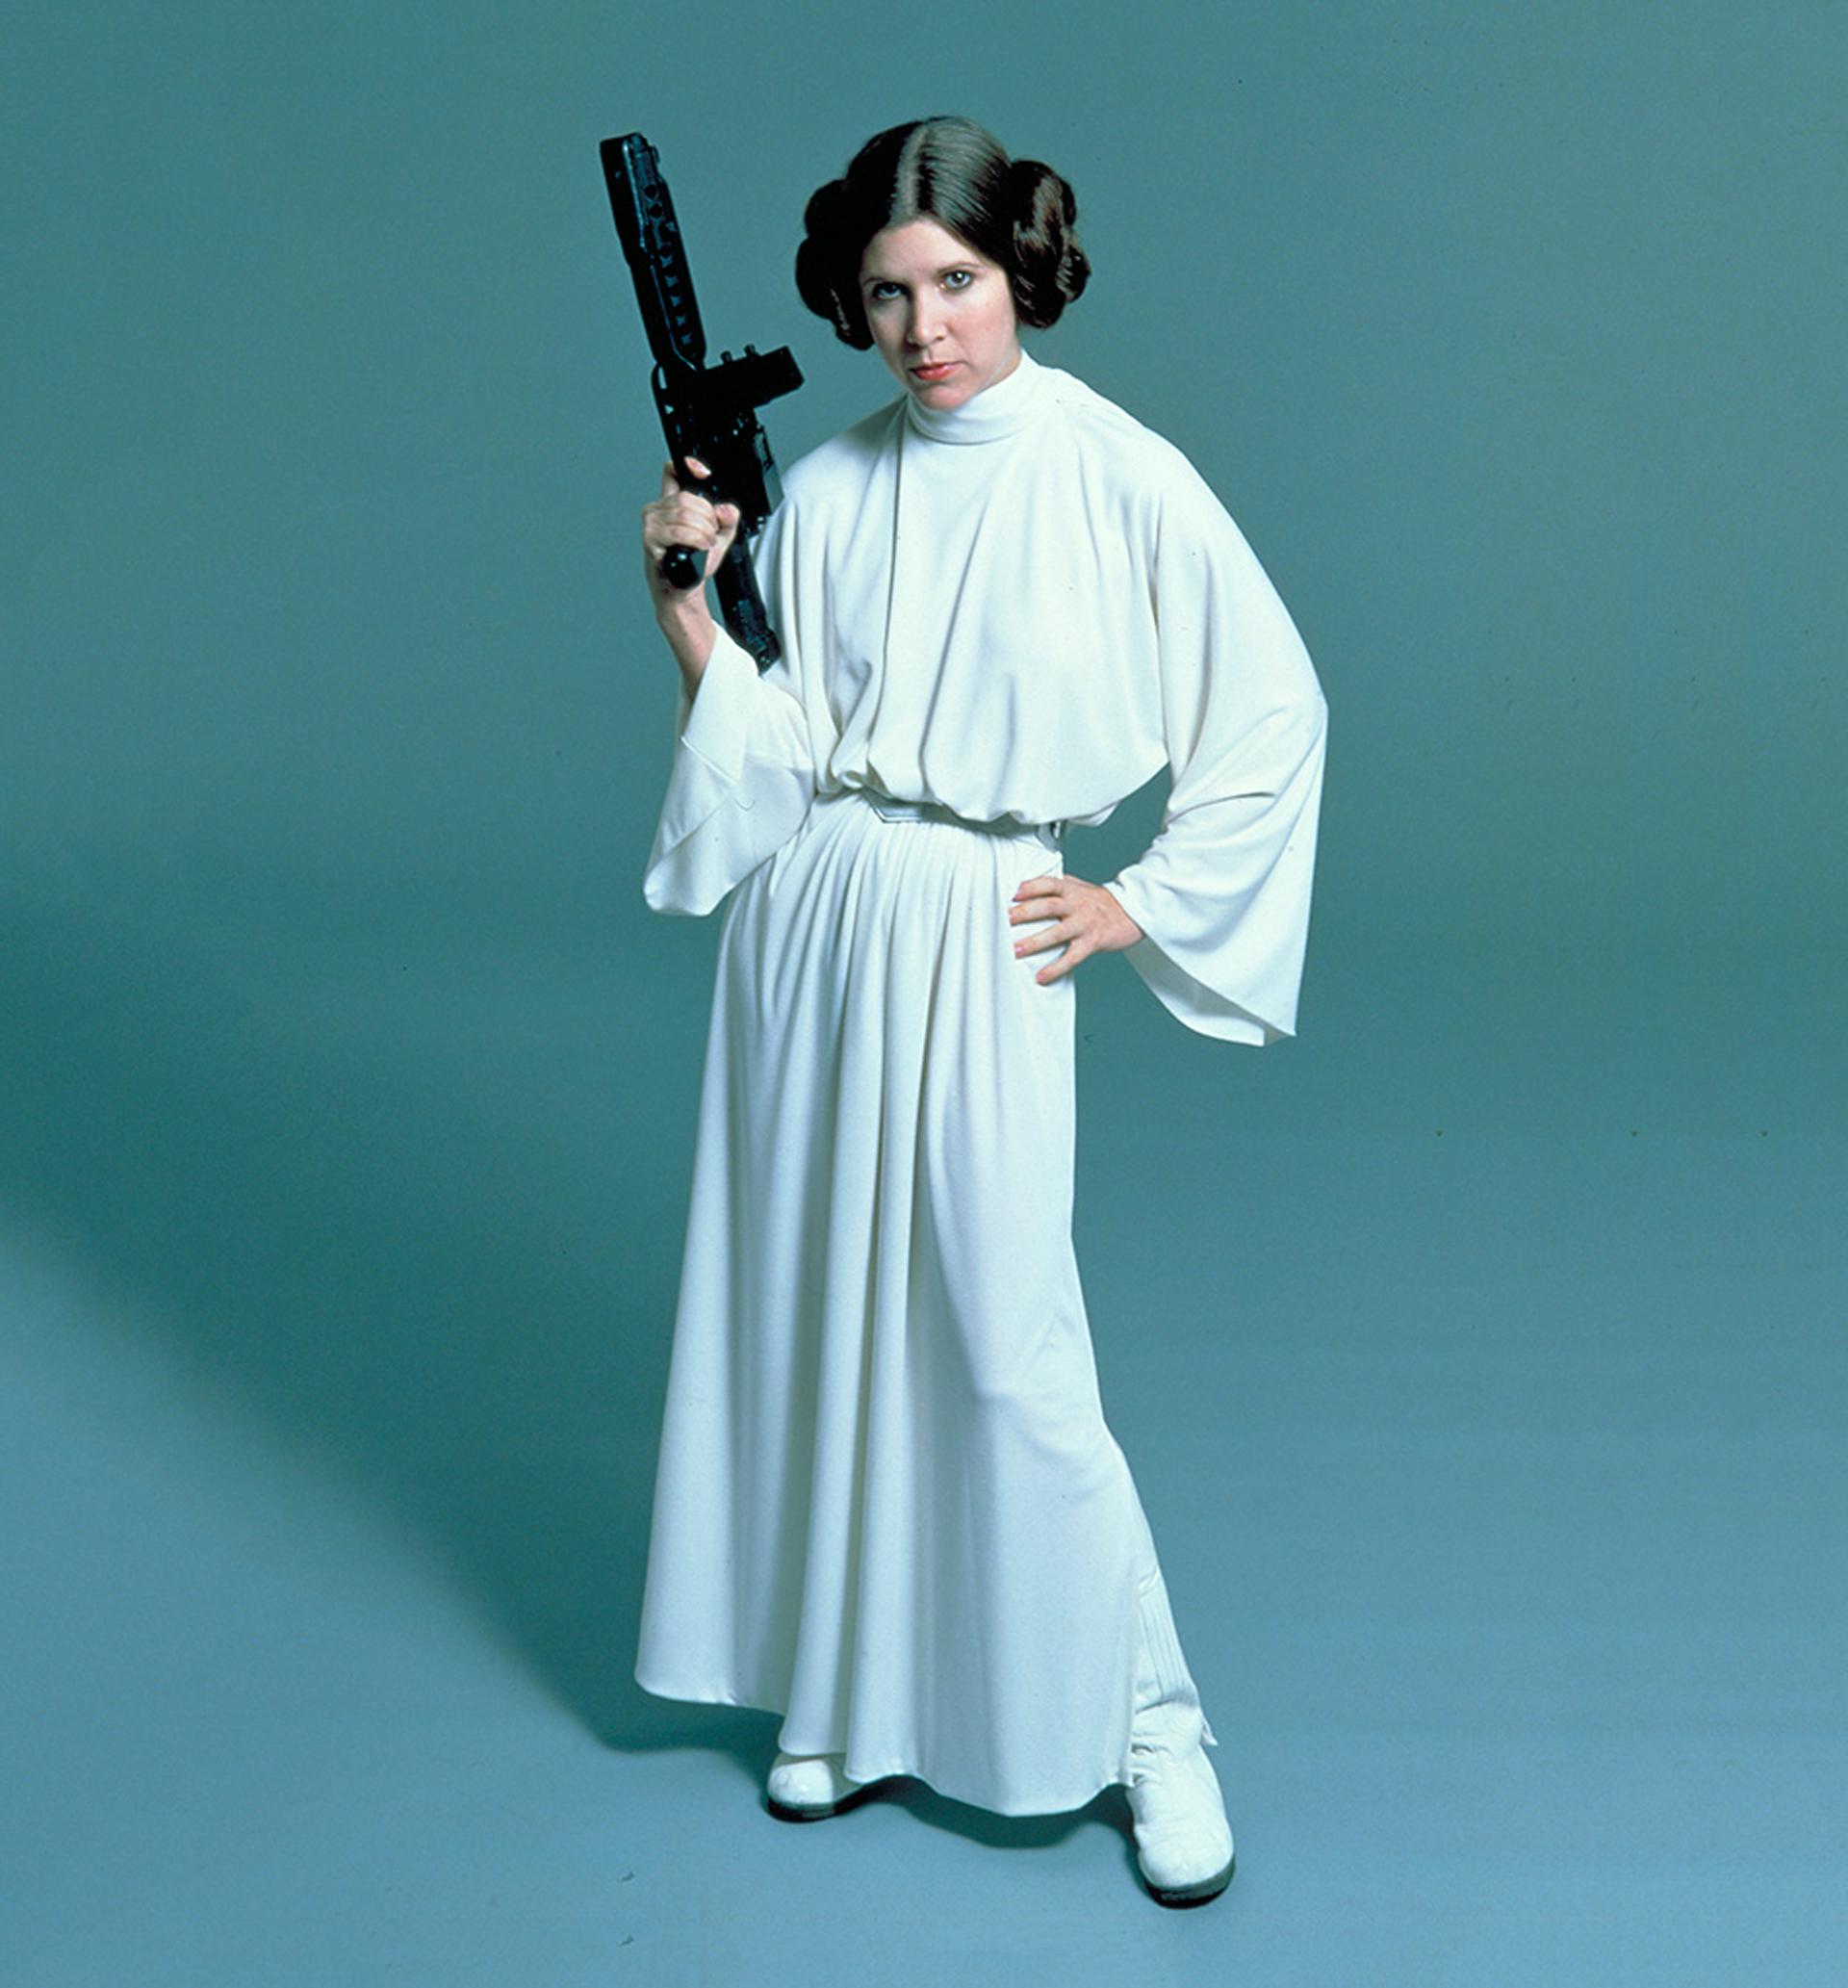 Carrie Fisher como Leia de Star Wars, con una túnica blanca con mangas acampanadas, cuello polera, faja en la cintura y botas blancas